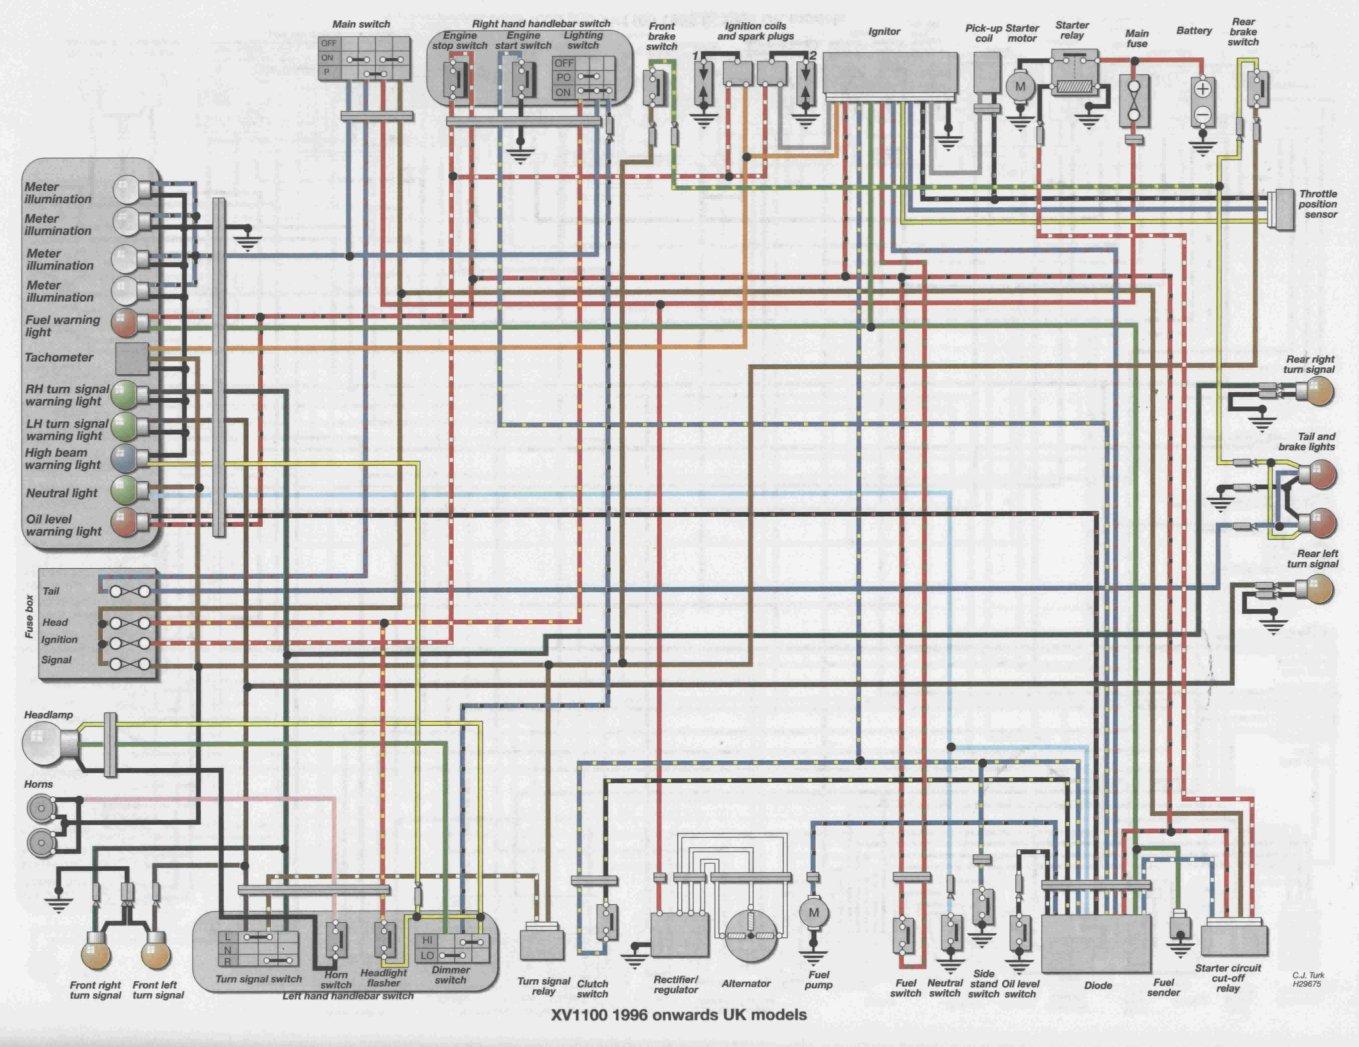 Yamaha Xv1100 Virago Wiring Diagram Auto Electrical Viragotechforum Com U2022 View Topic